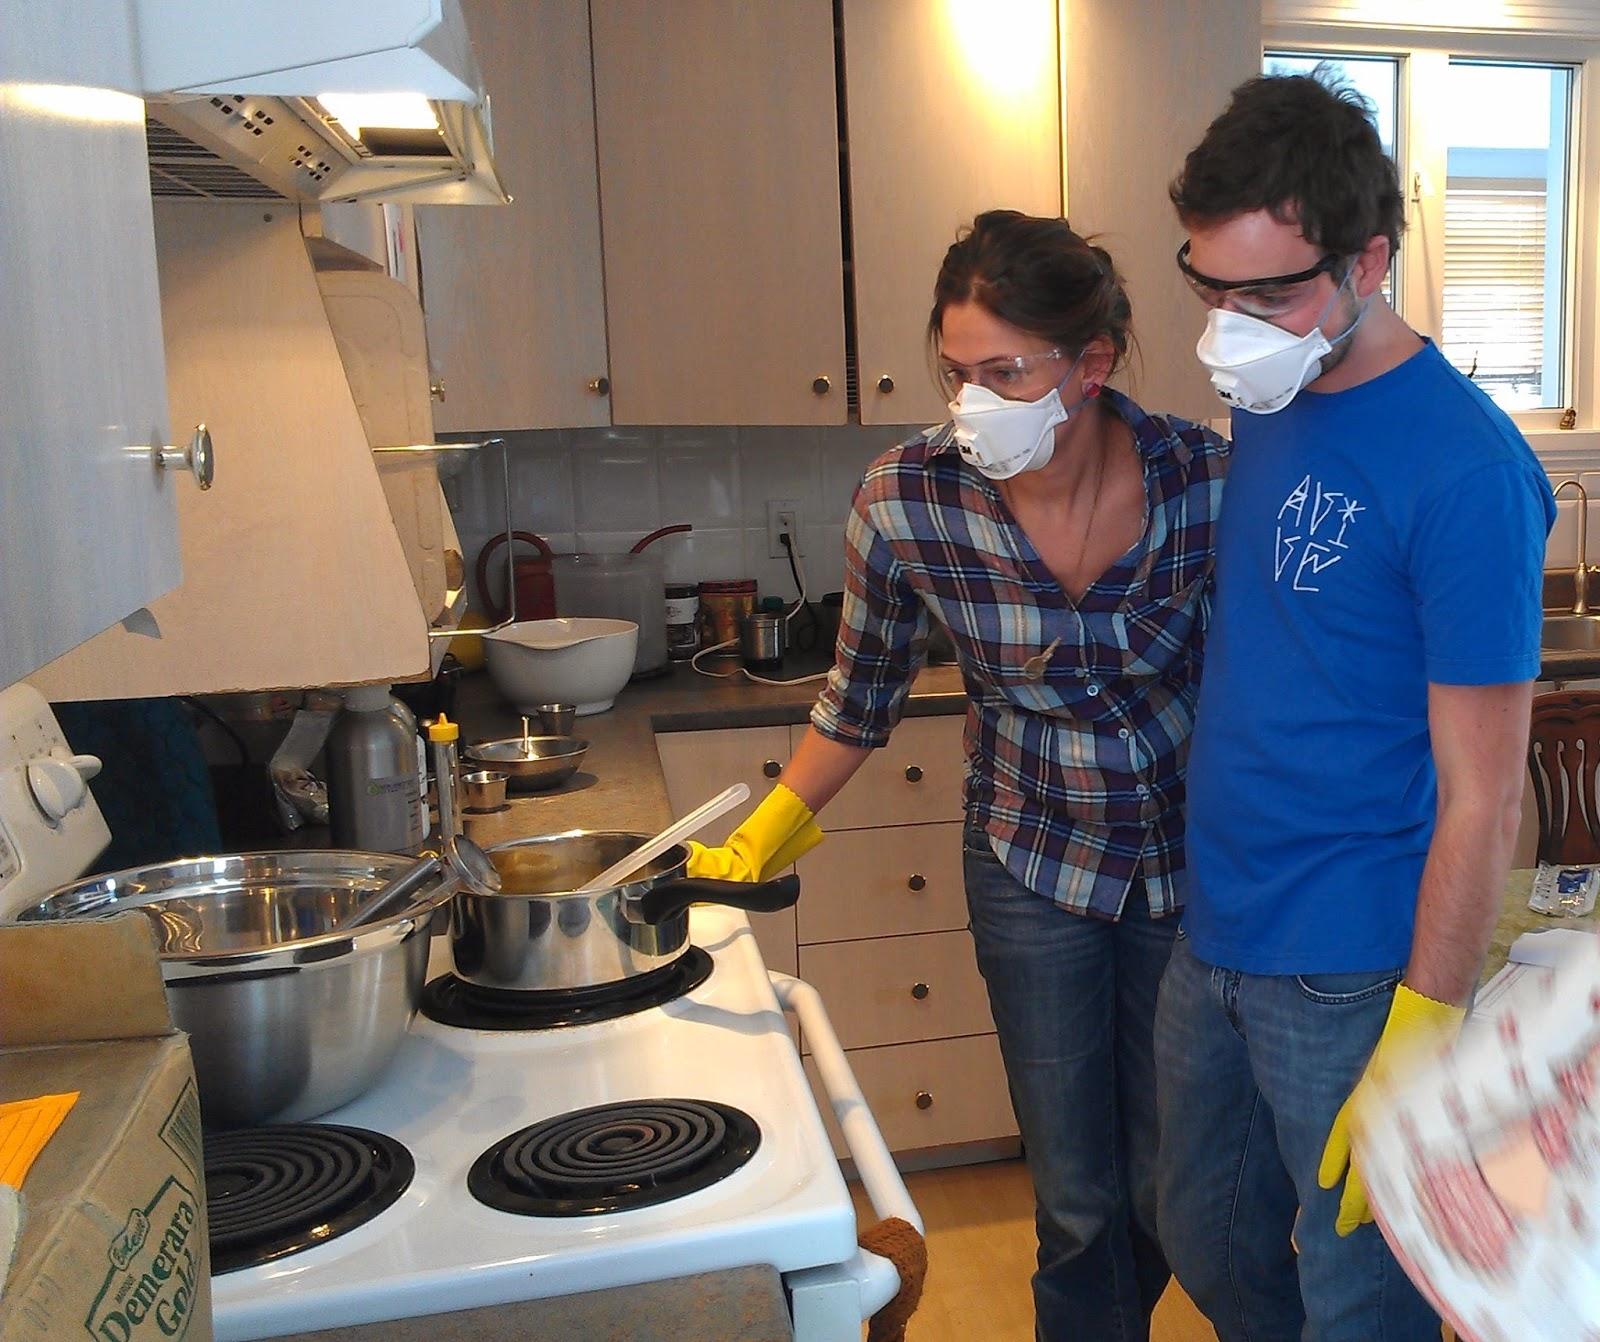 Atelier de fabrication savons et produits corporels for Fabrication d un four a pain artisanal